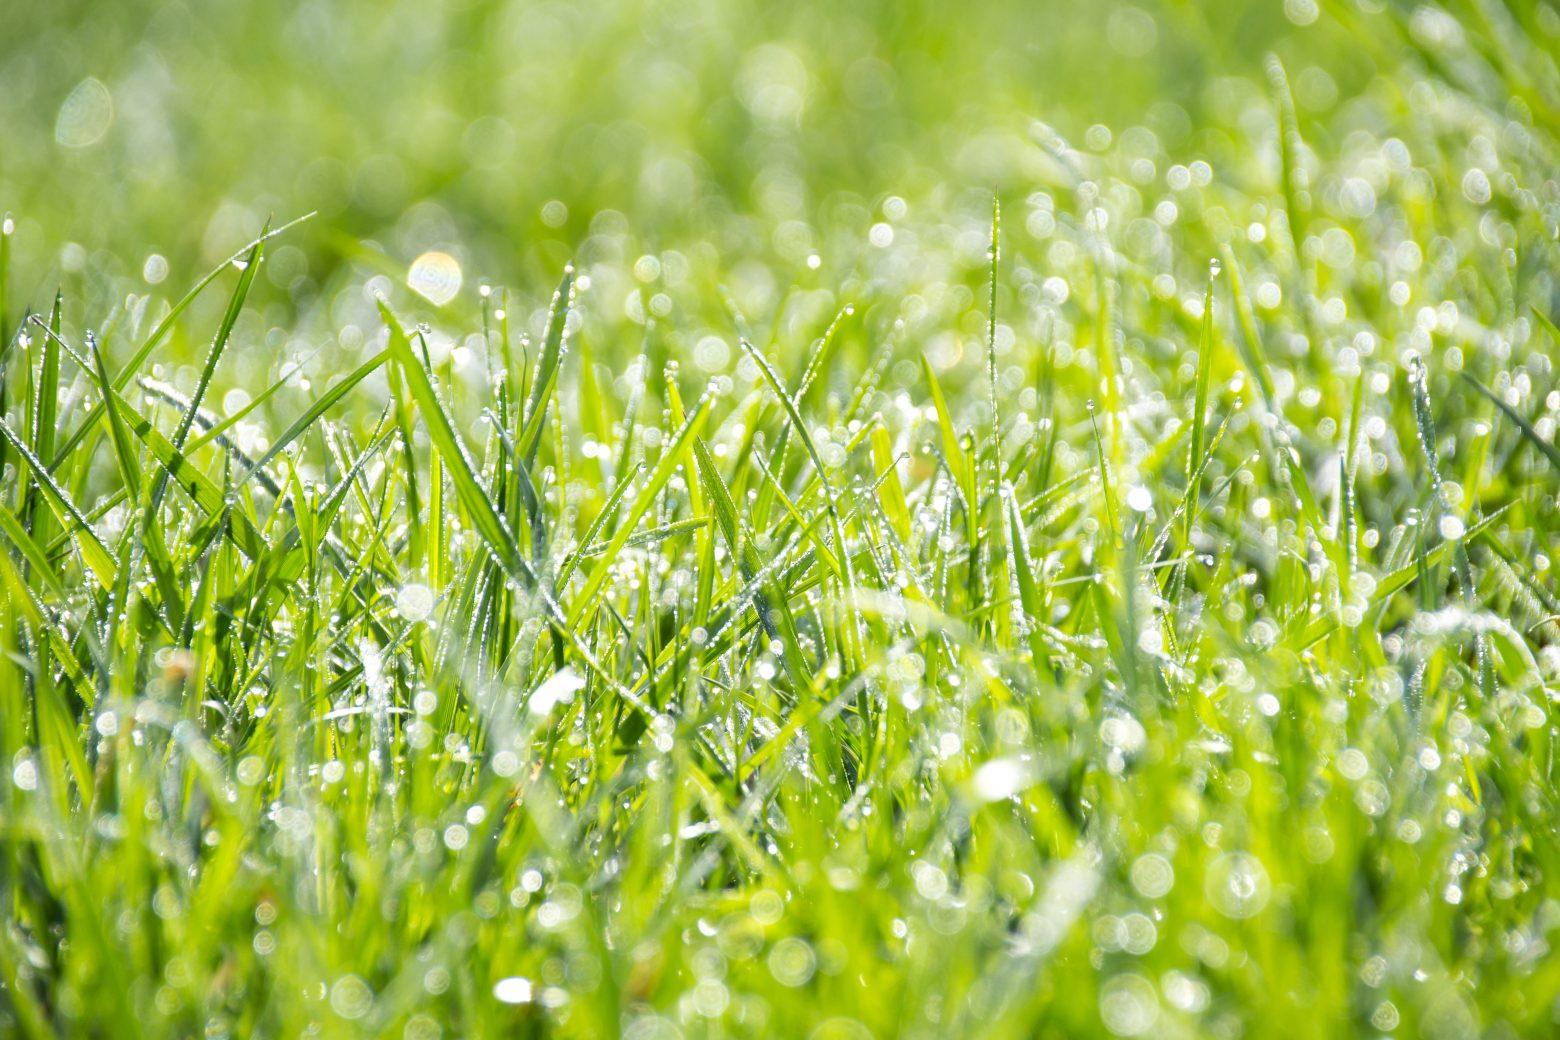 grass-1326759